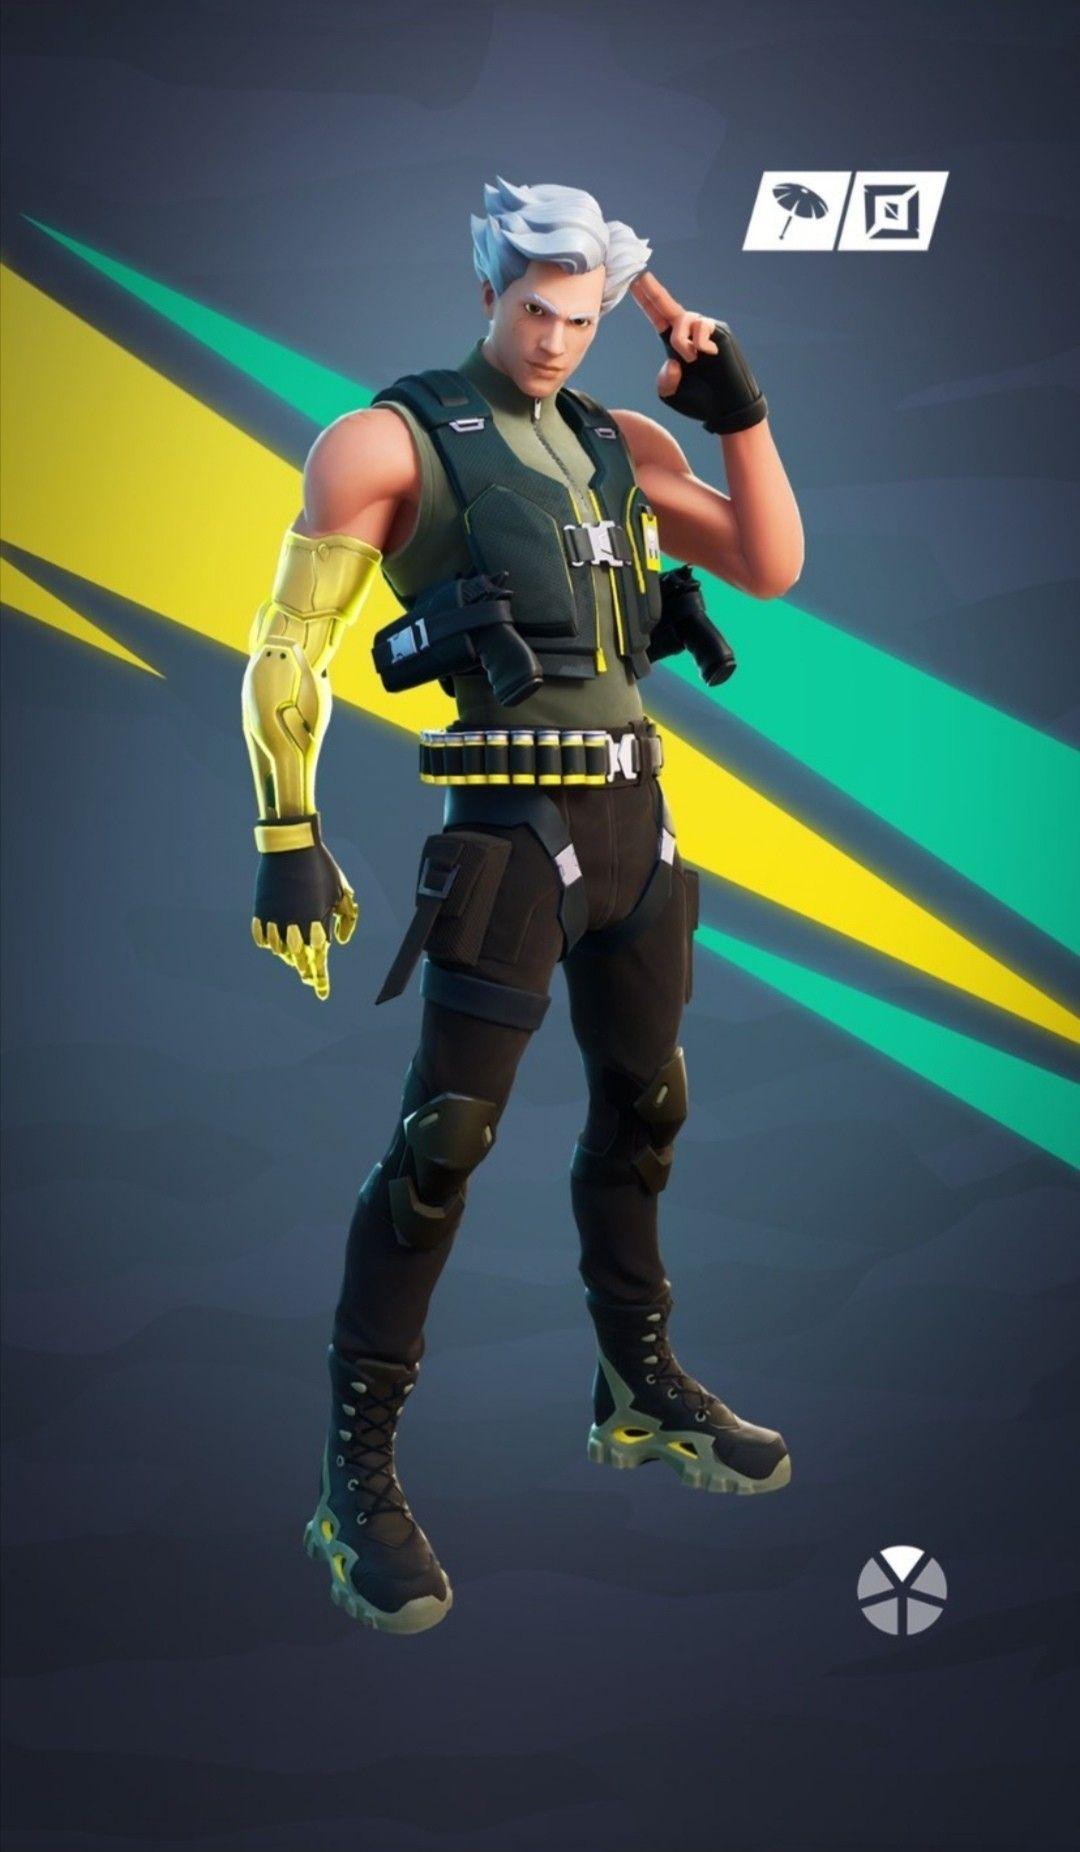 Fortnite Chapter 2 Season 2 Battle Pass Skins Skin Model Game Character Design Space Anime